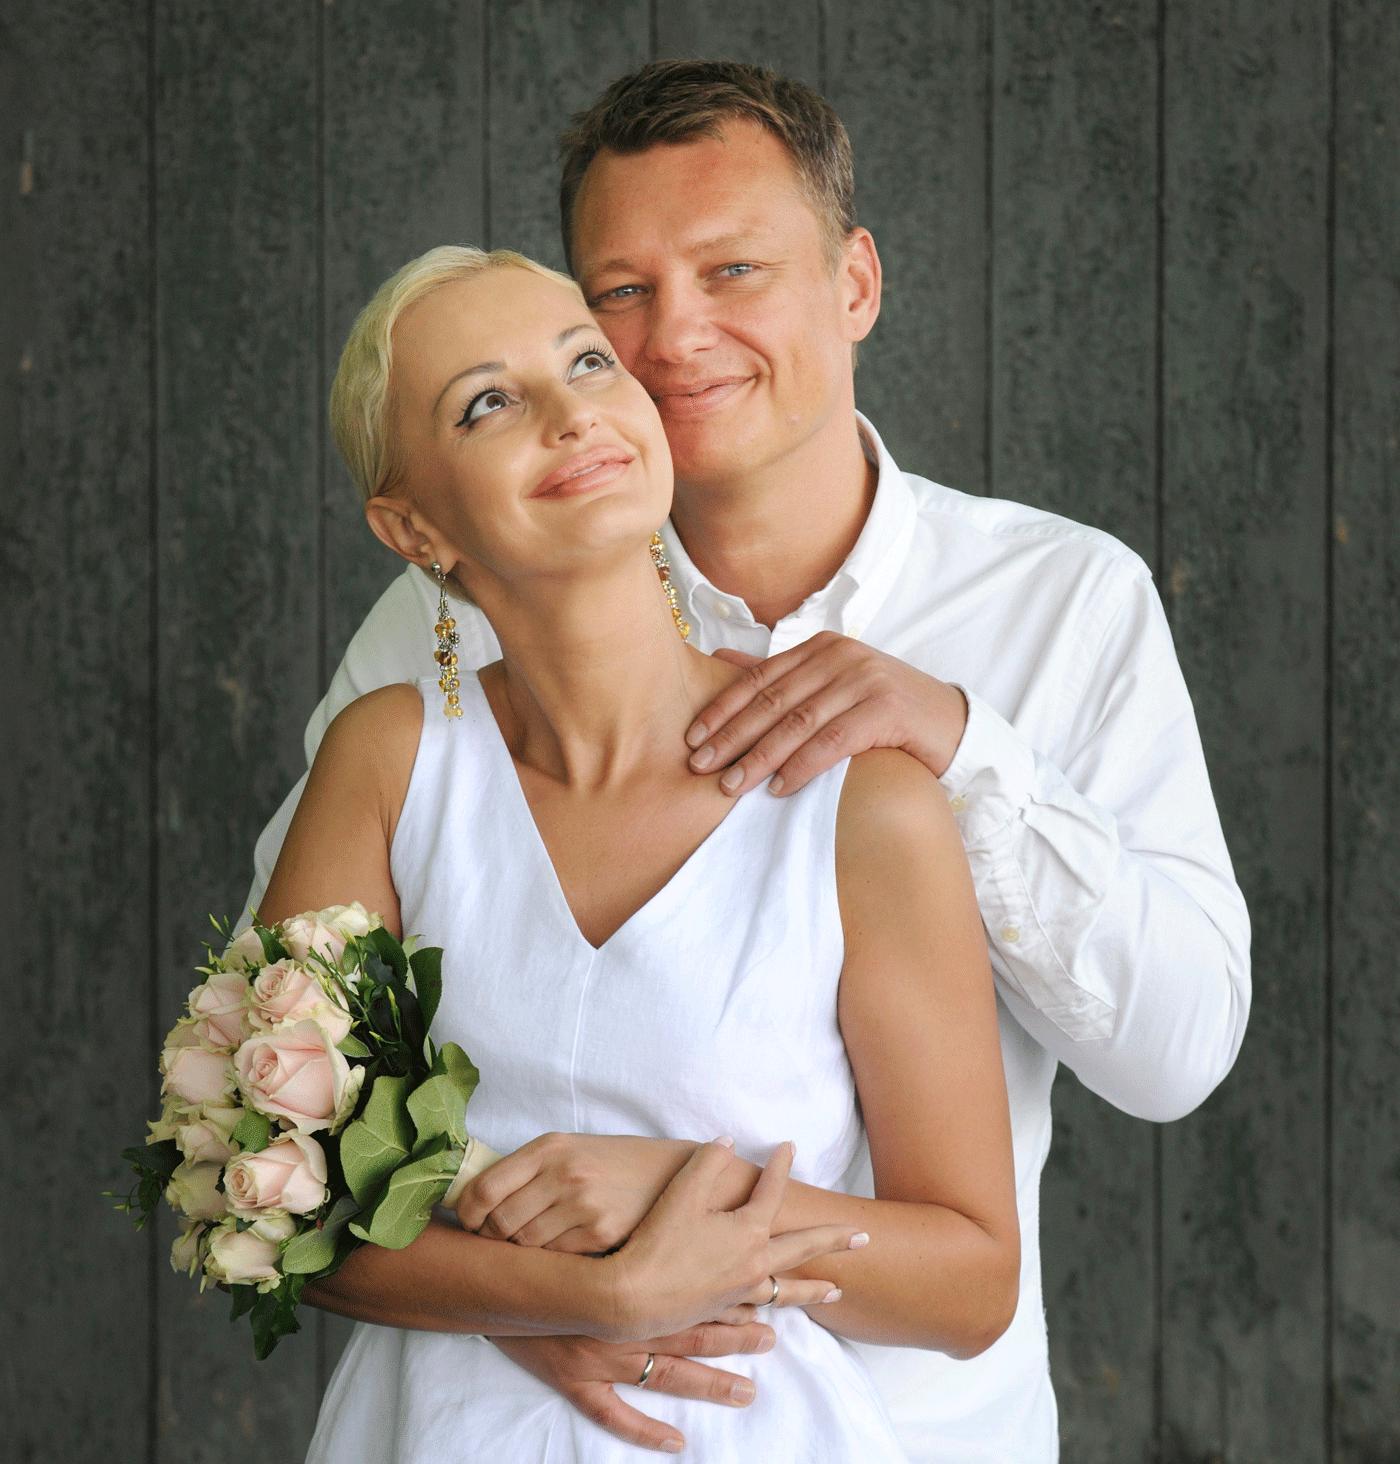 Rådhusbryllup og billig bryllupsfoto